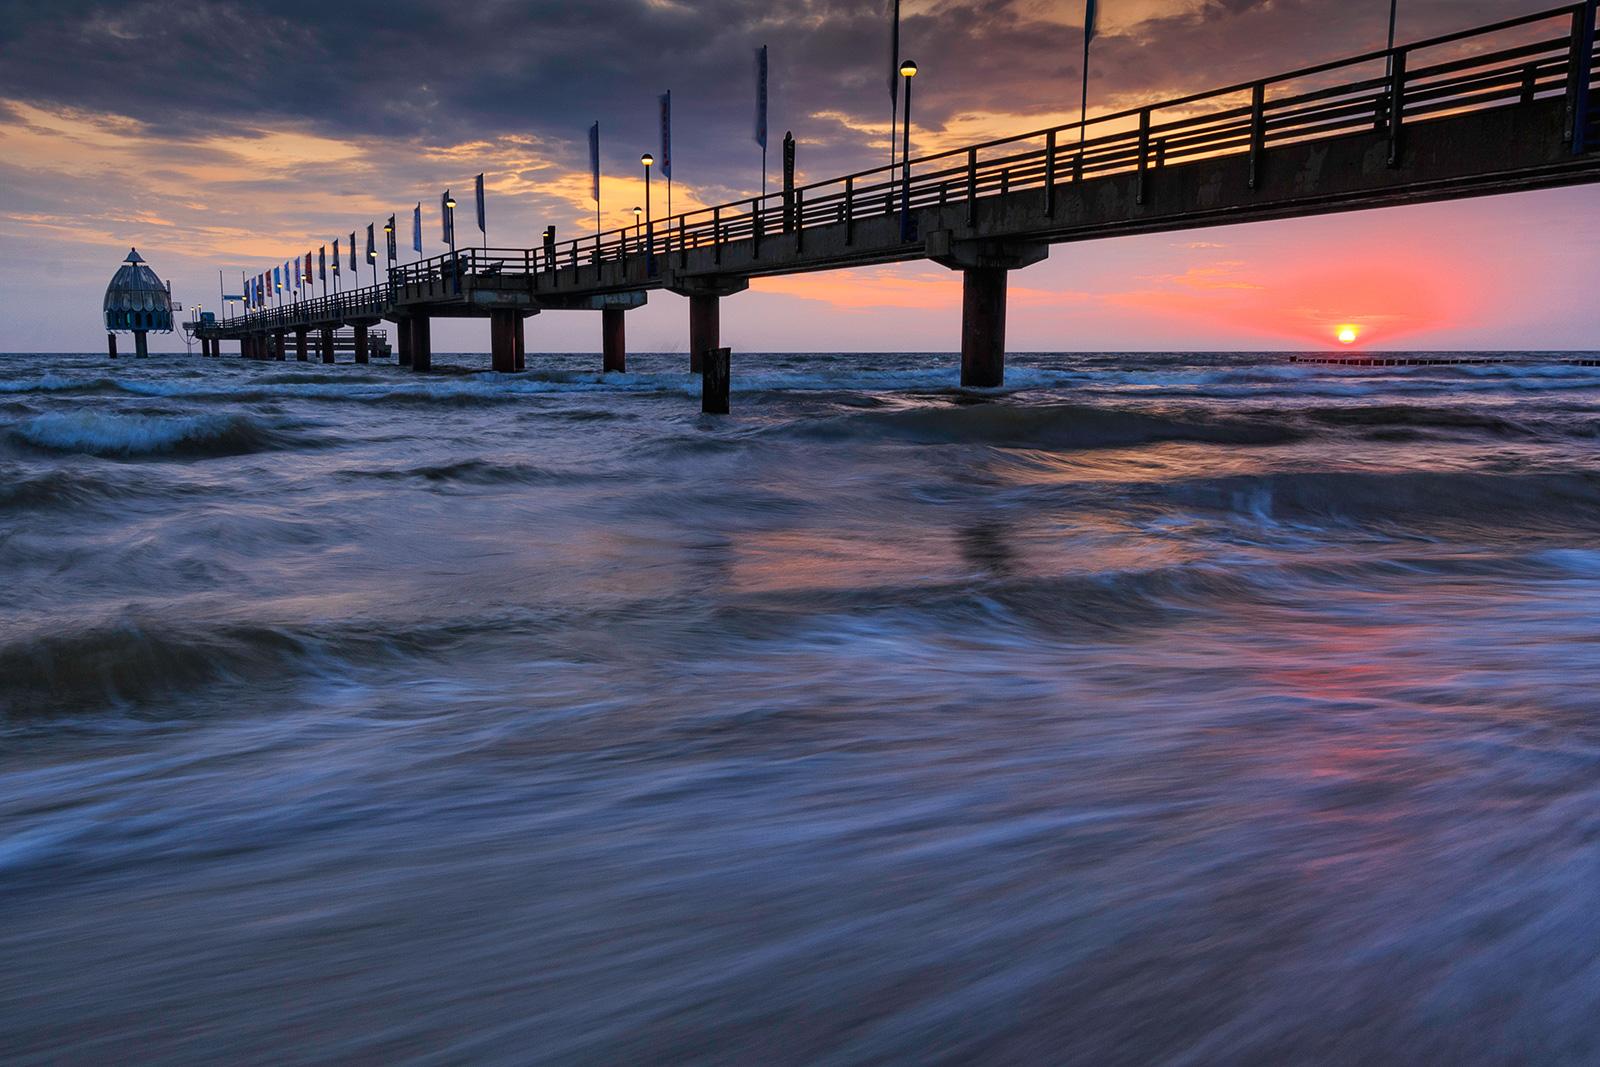 Sonnenaufgang an der Seebrücke in Zingst, Ostsee